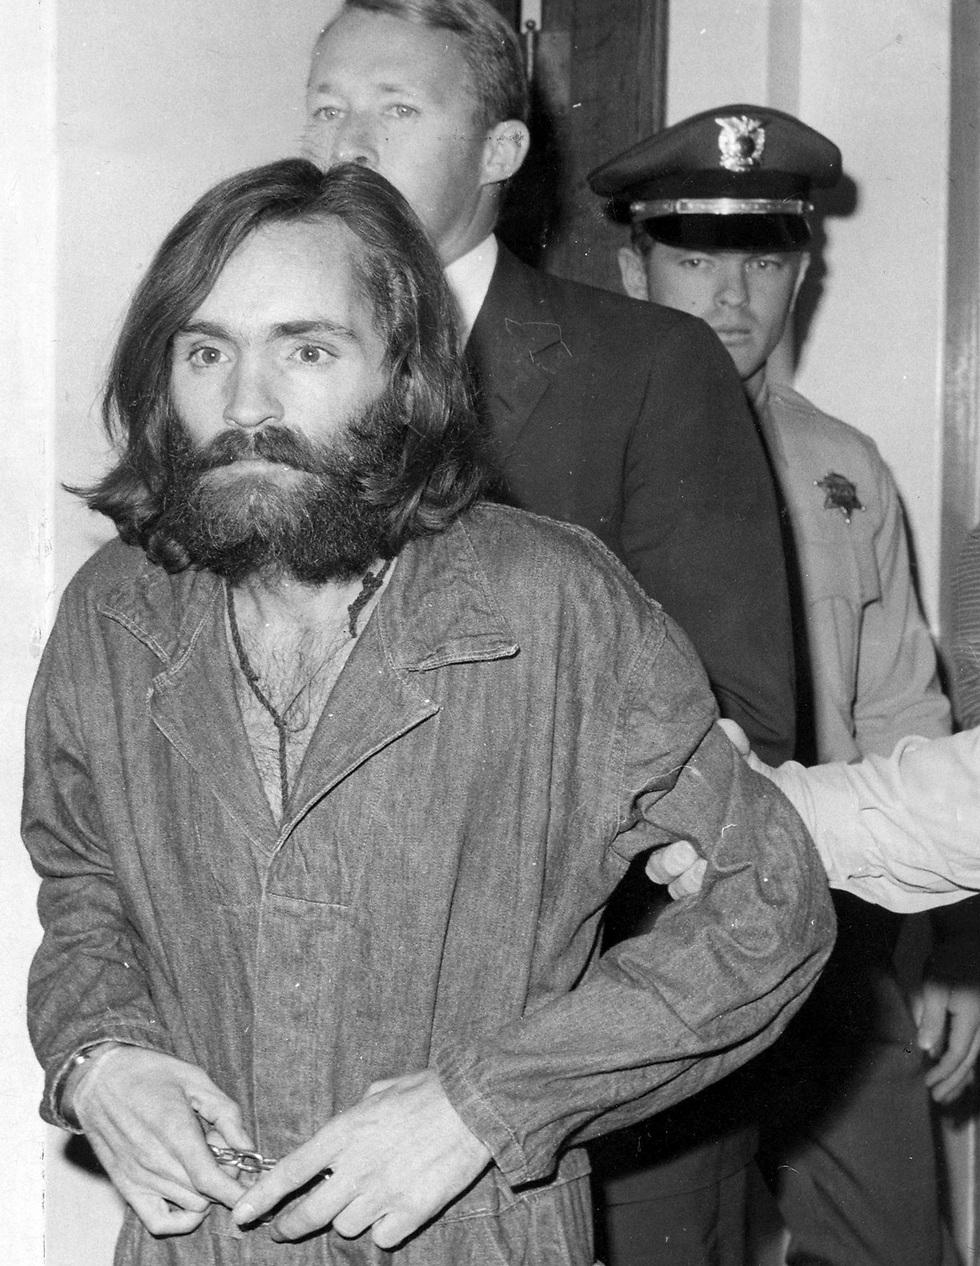 """""""אני אדם מסוכן מאוד"""", אמר מנסון בדיון בנושא שחרורו המוקדם (צילום: MCT) (צילום: MCT)"""